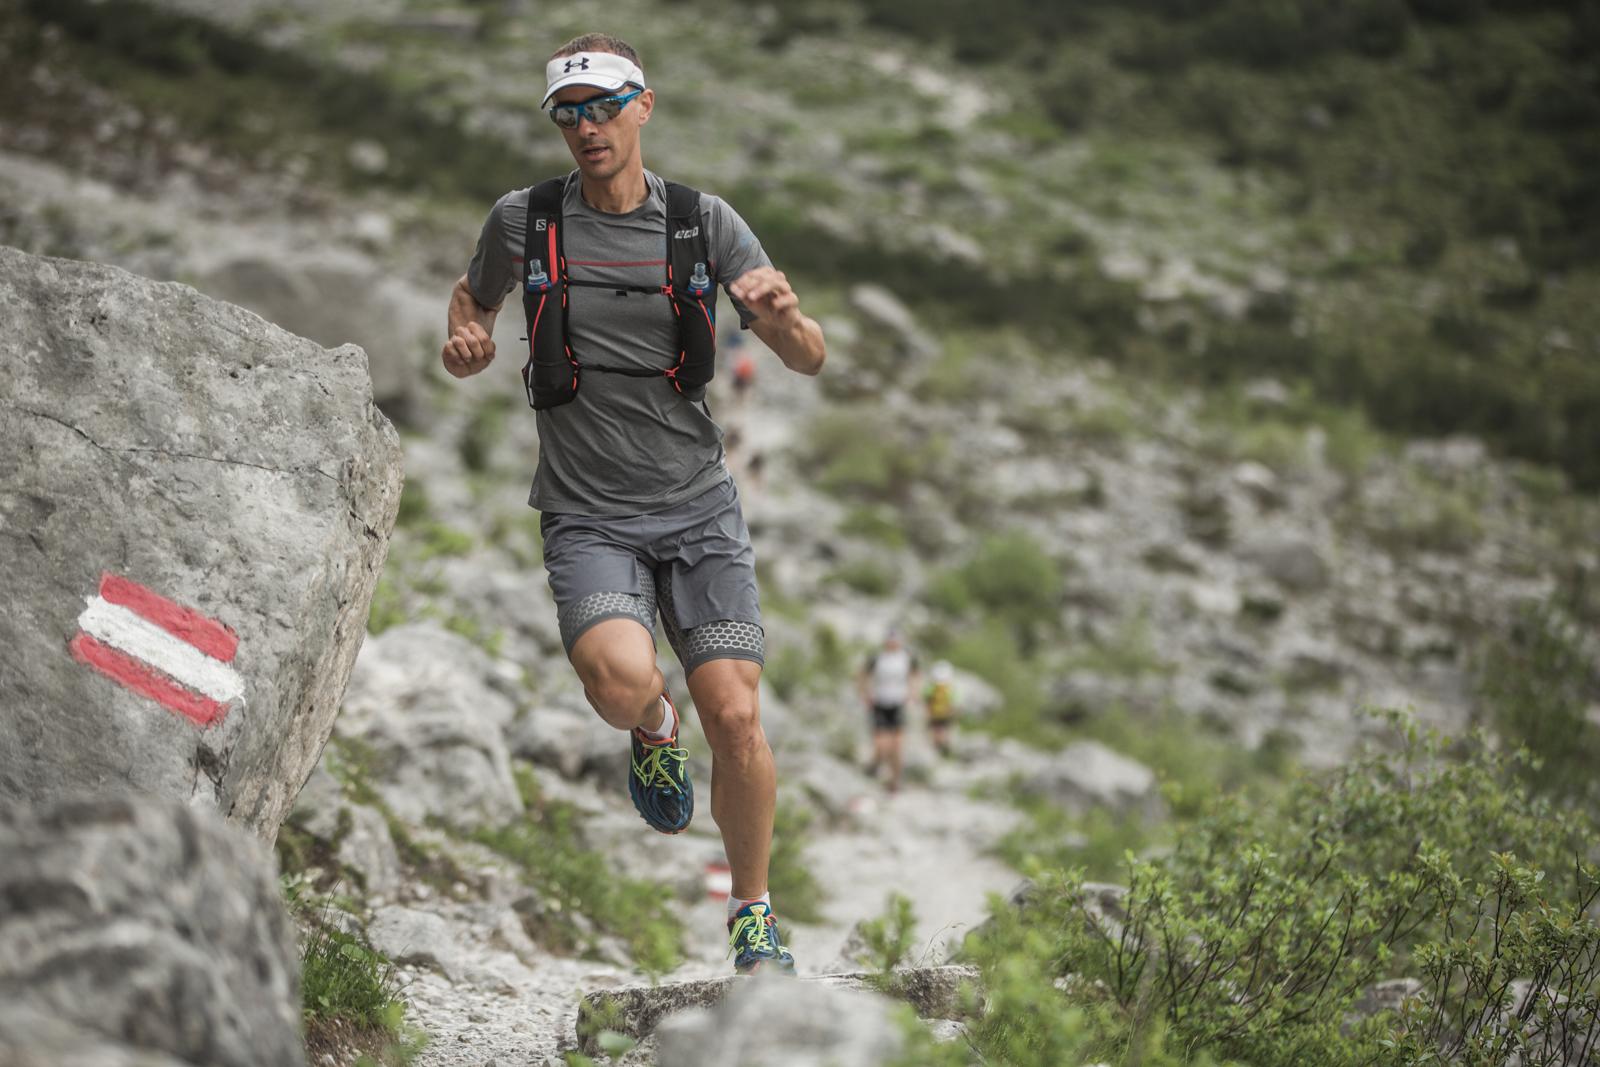 Vom Läufer zum Trailrunner: Tipps für Umsteiger